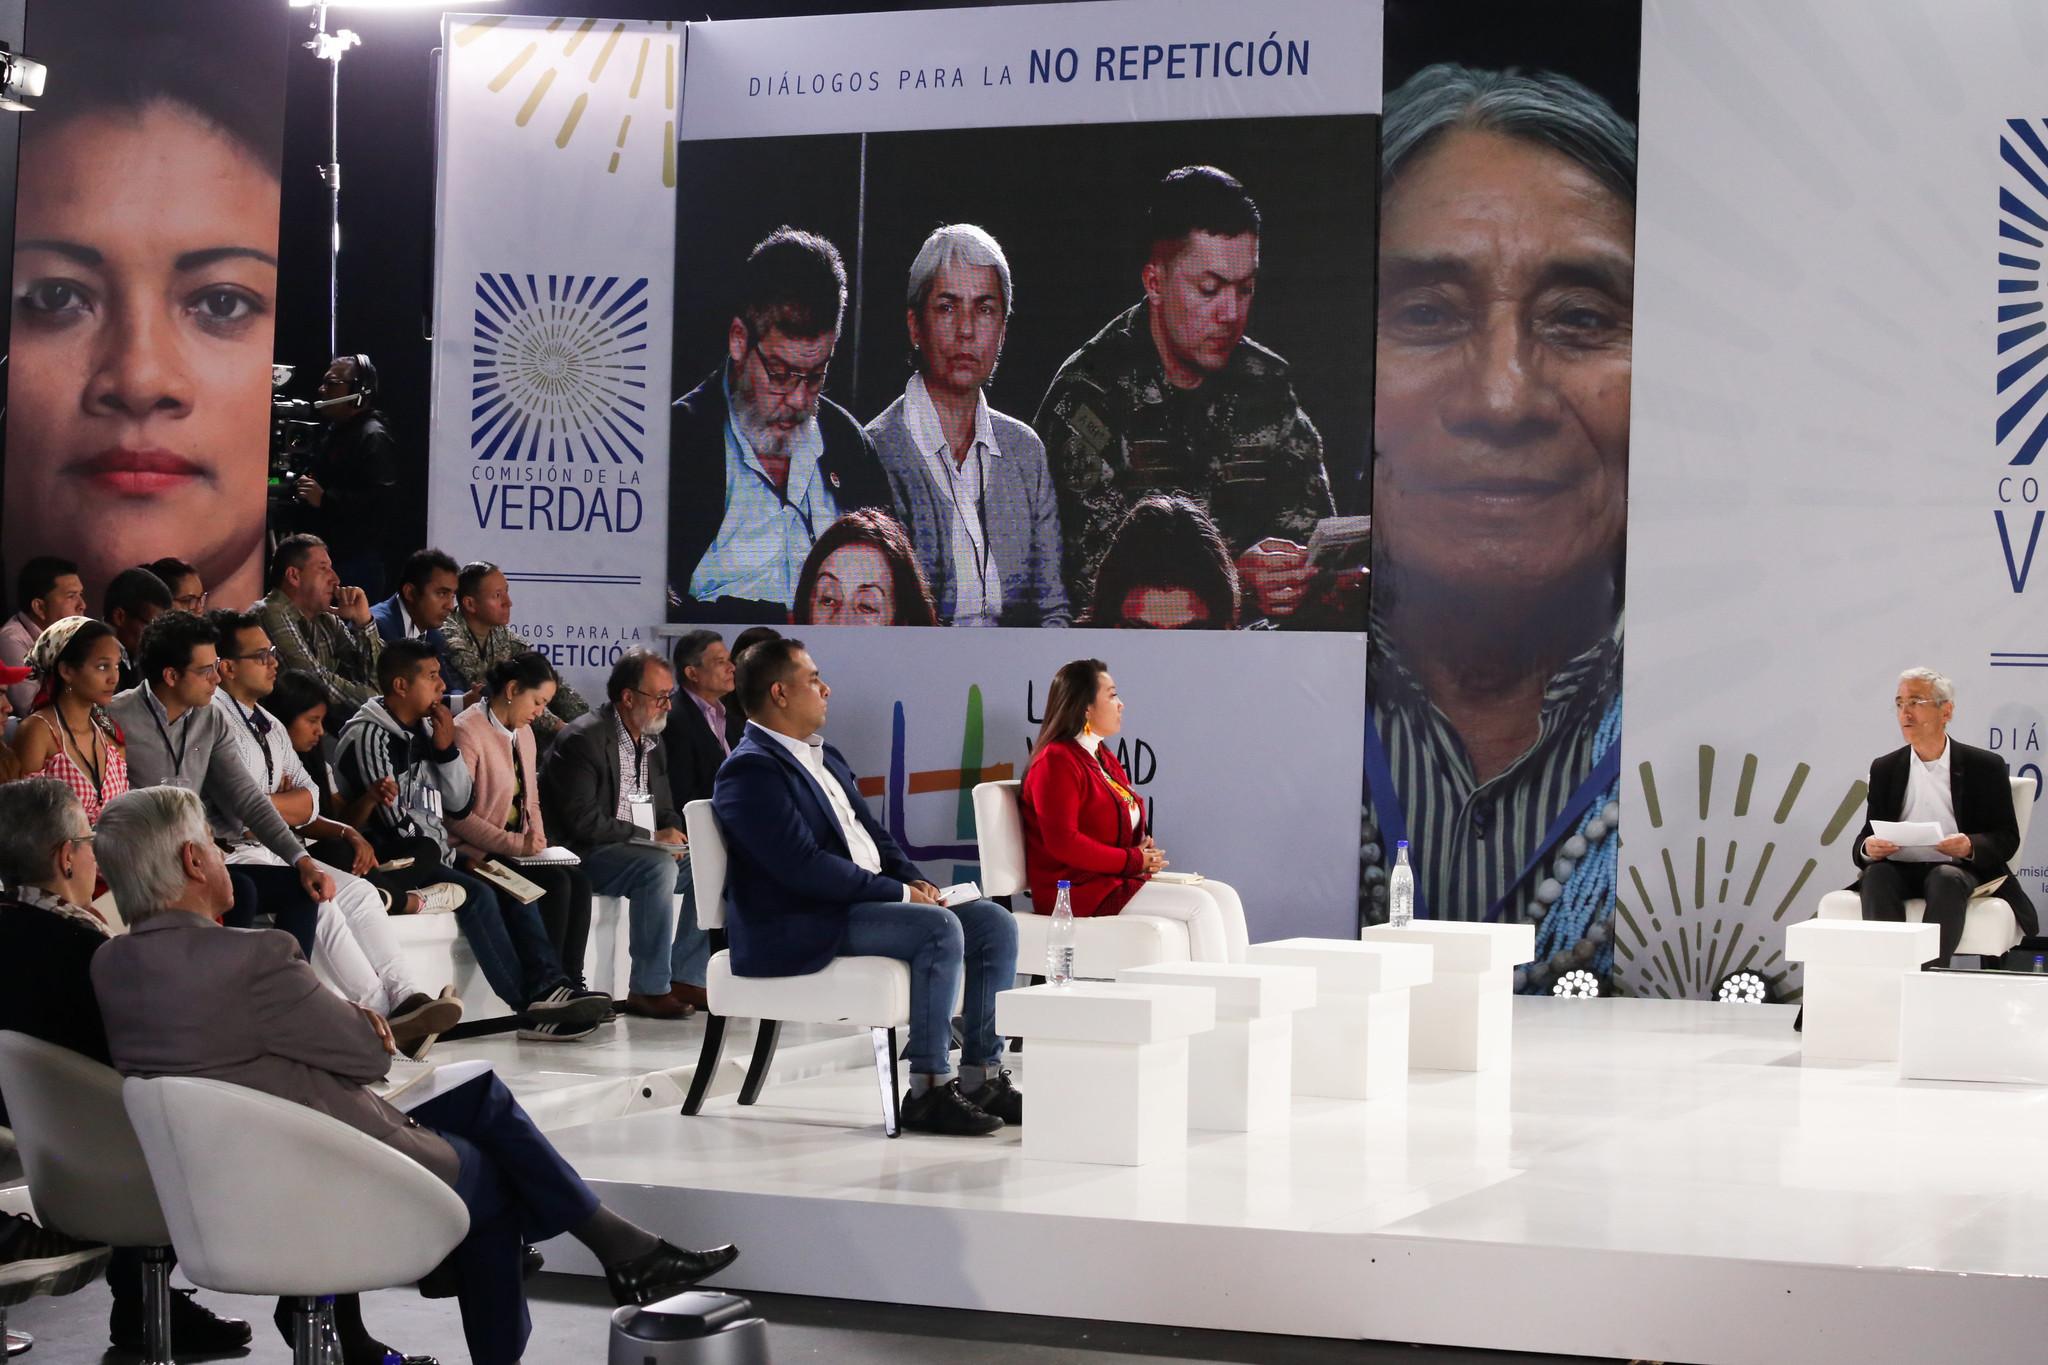 Diálogos de la Comisión de la Verdad: la oportunidad que Duque dejó pasar